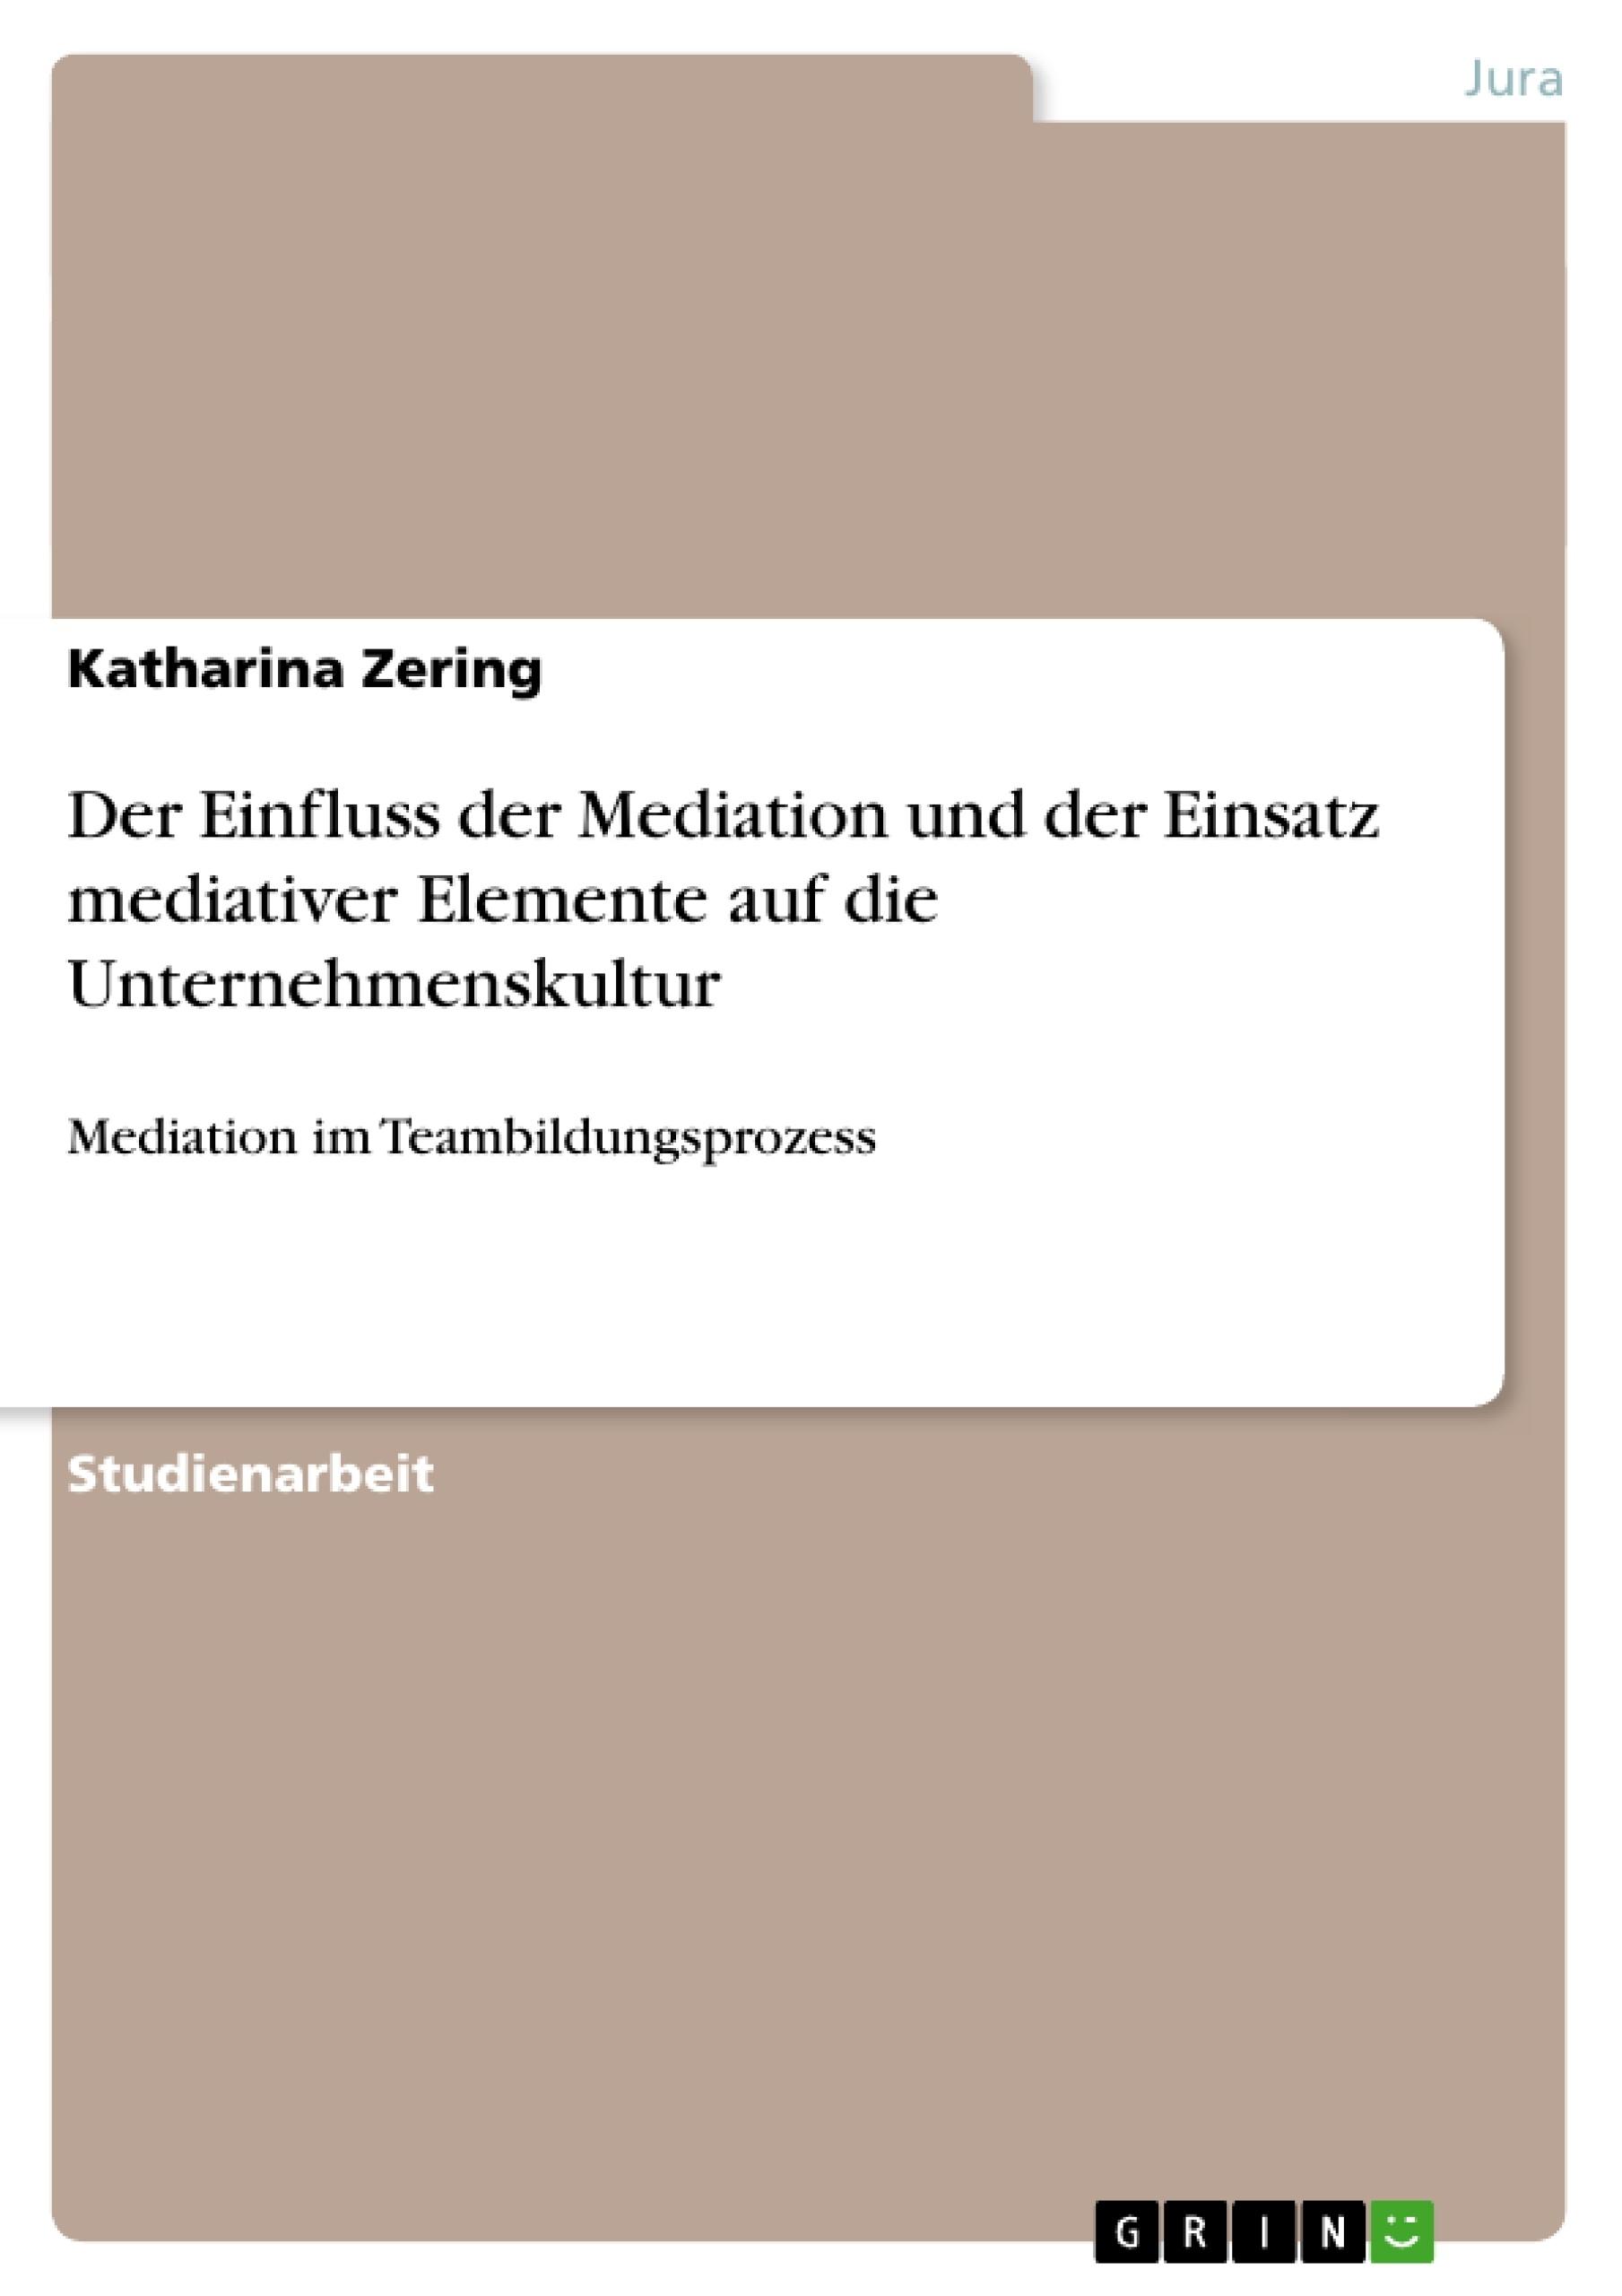 Titel: Der Einfluss der Mediation und der Einsatz mediativer Elemente auf die Unternehmenskultur